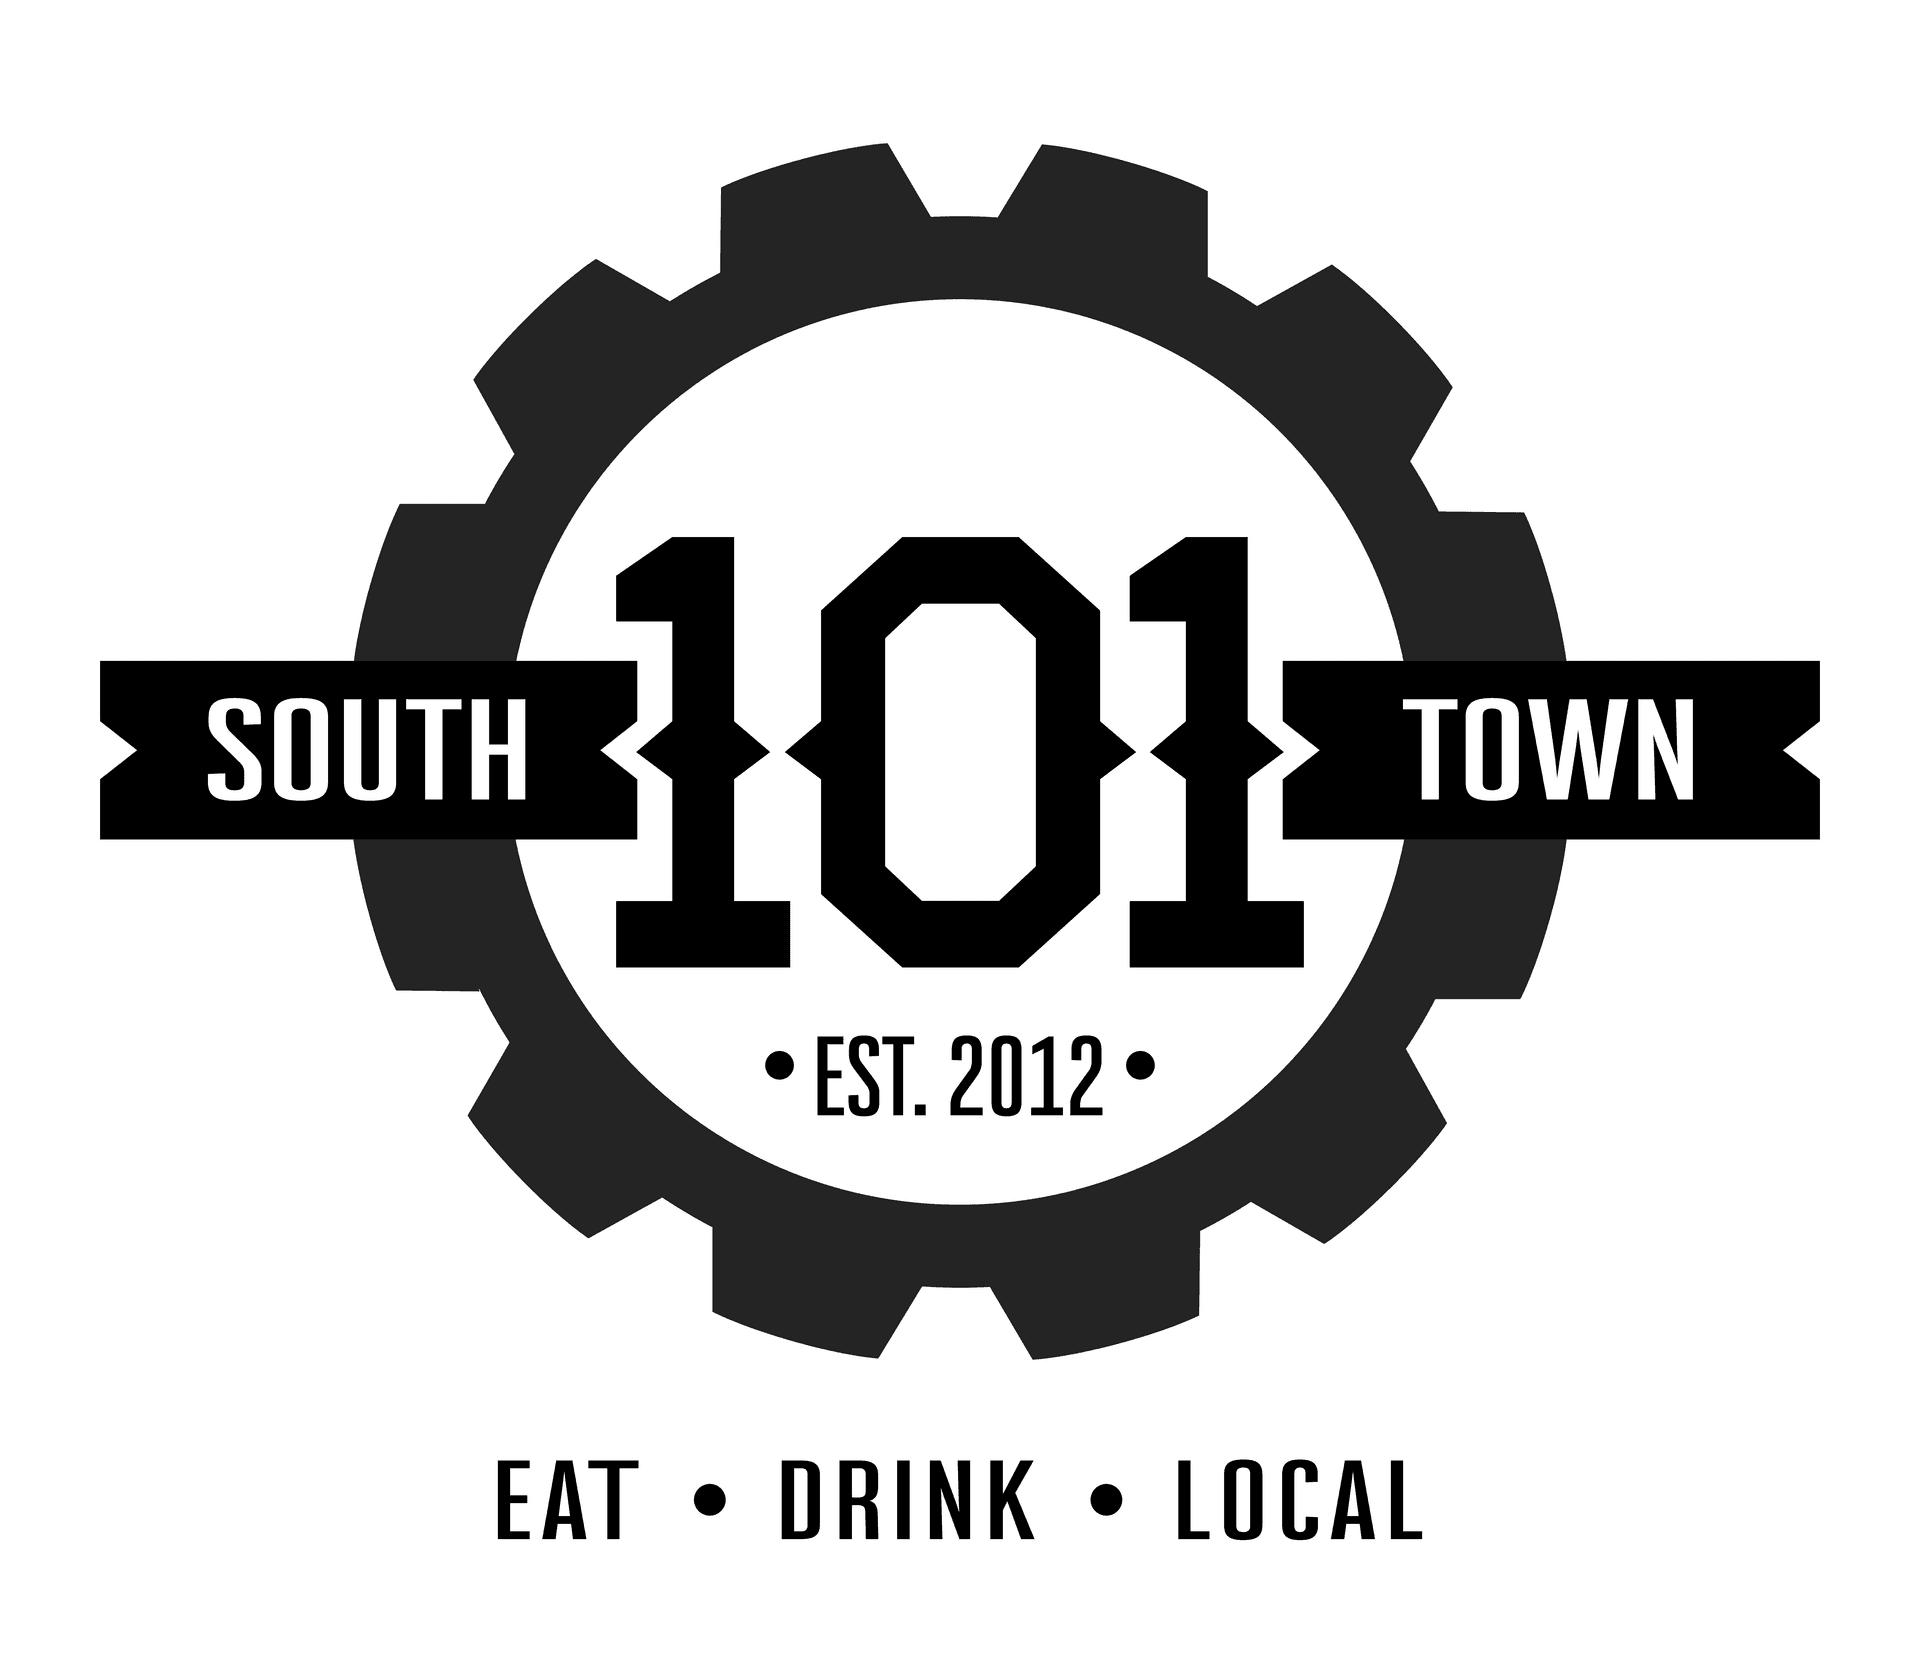 Southtown 101 - San Antonio, TX - Home